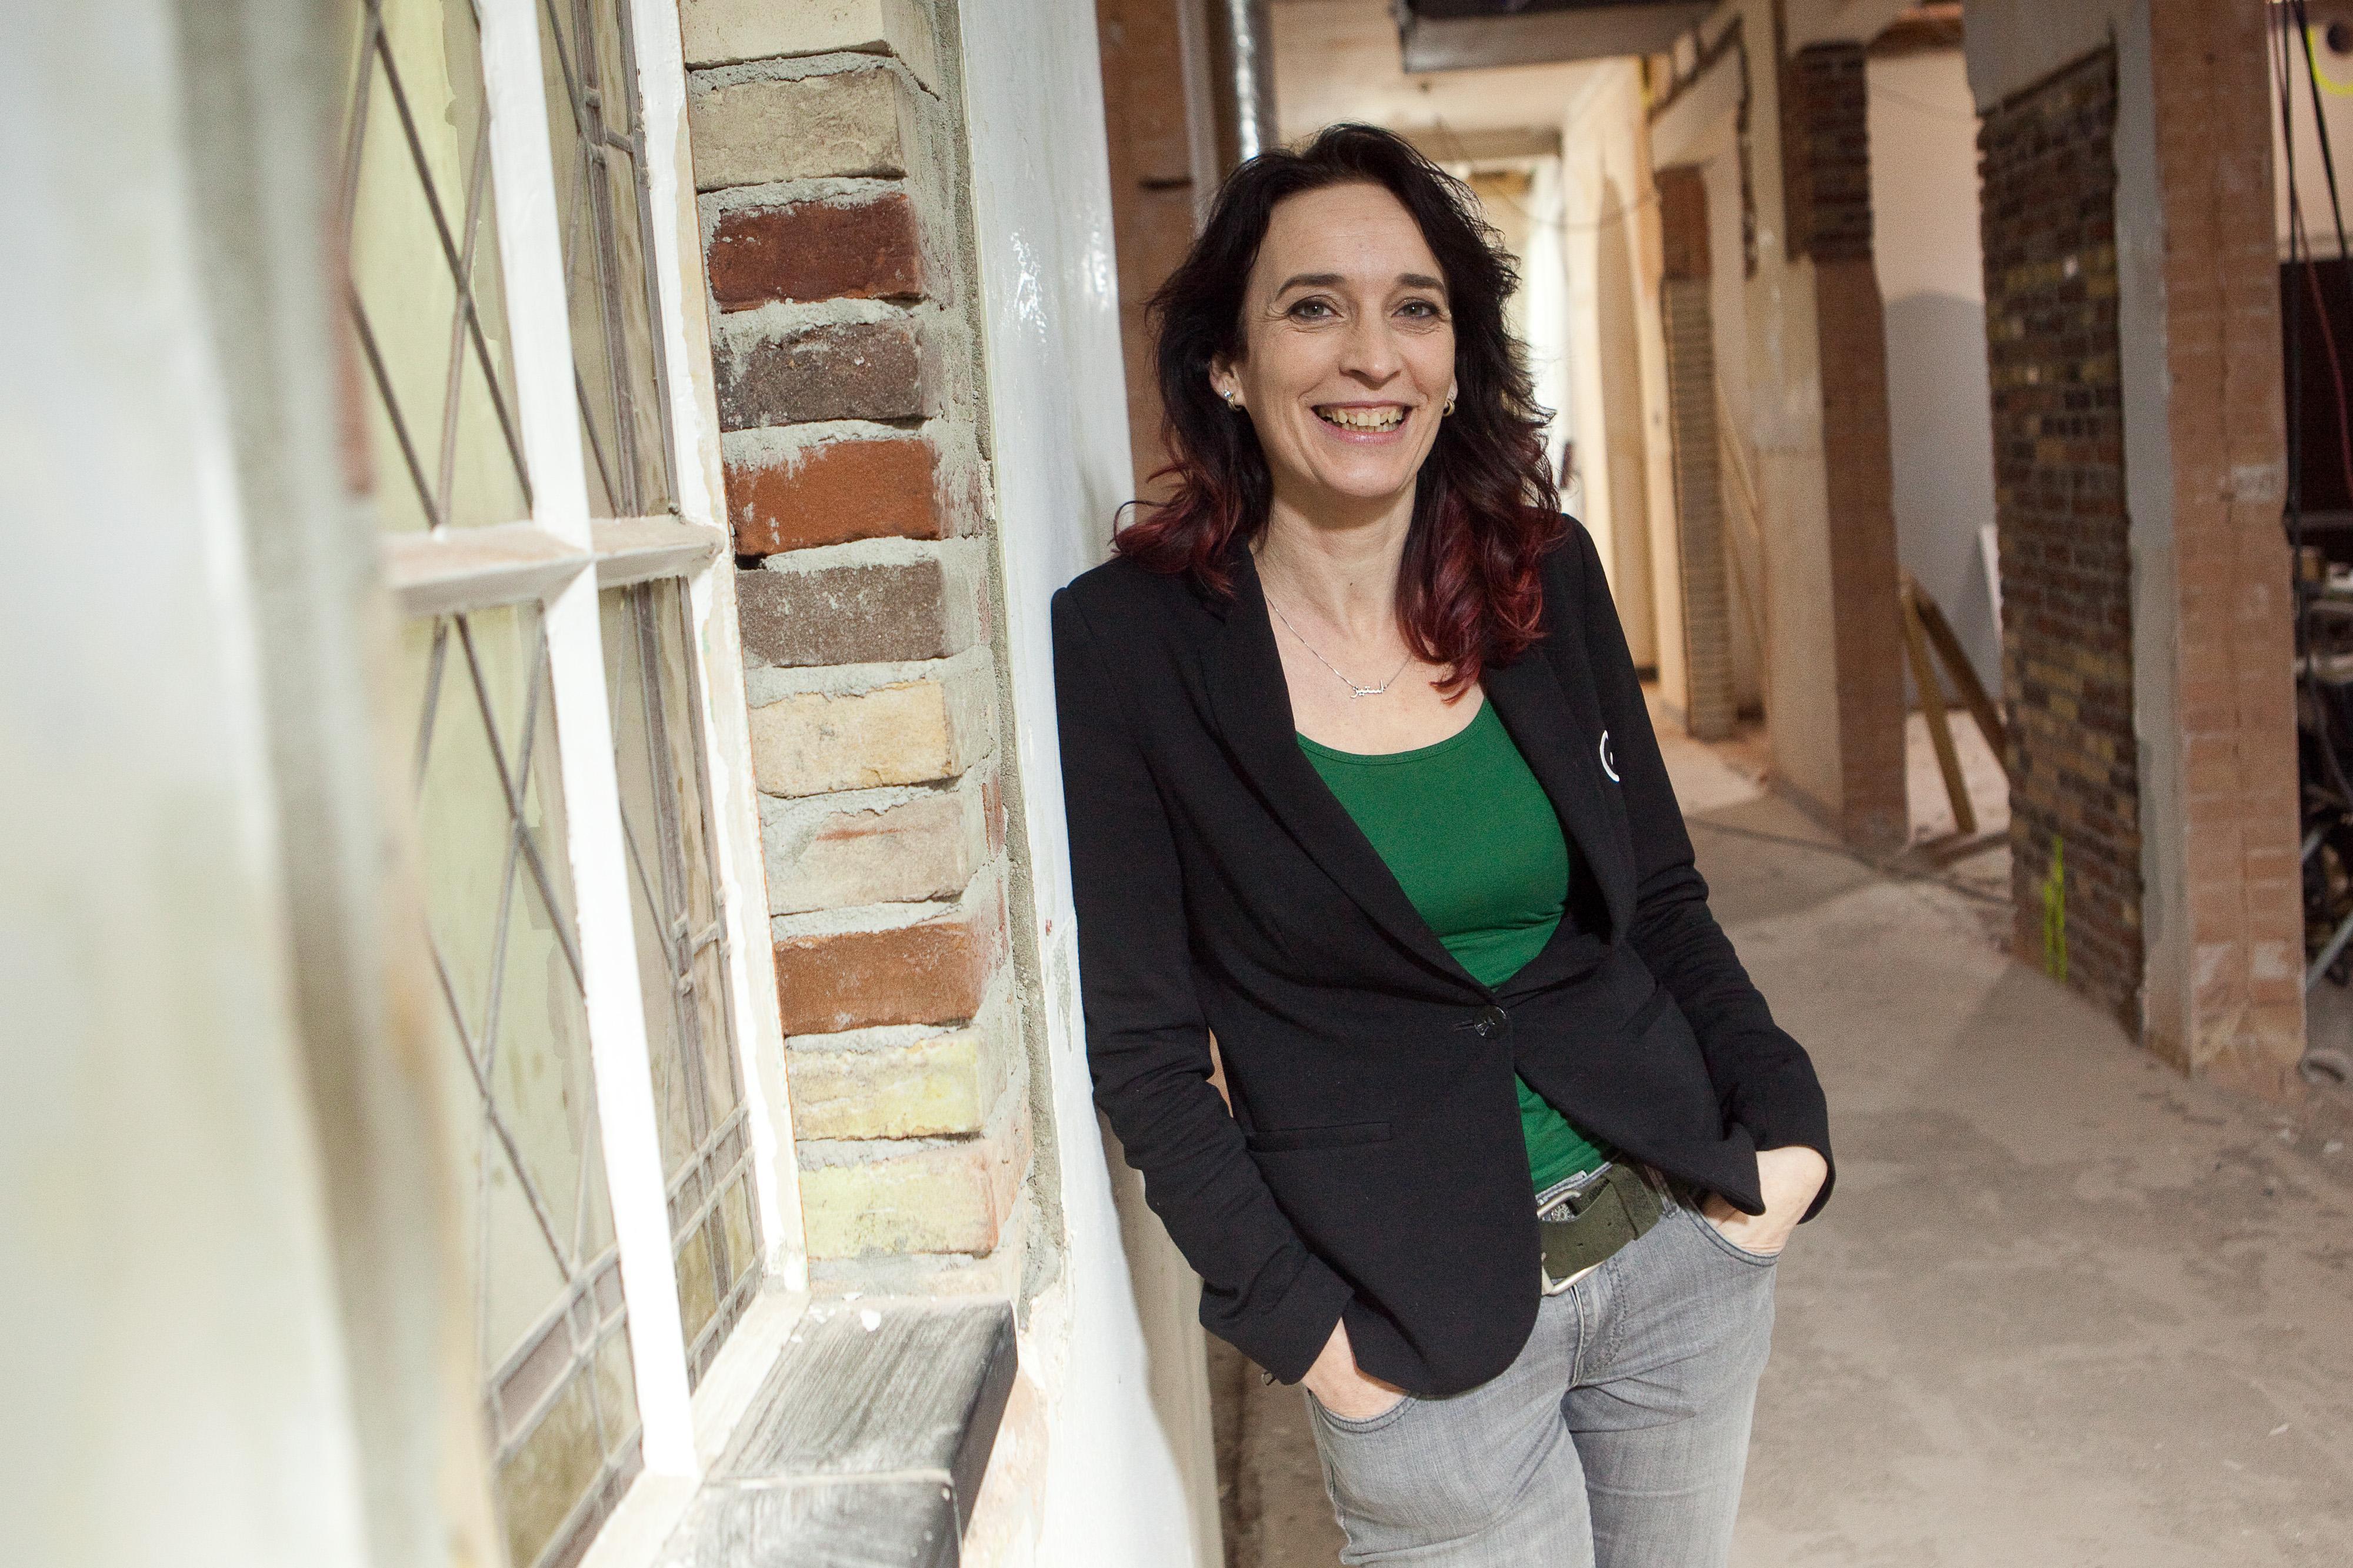 IJmonder van het Jaar-finaliste Esther Duineveld: 'Toen ik in de krant las wat ik doe, dacht ik ook: Jeetjemina, wat veel'